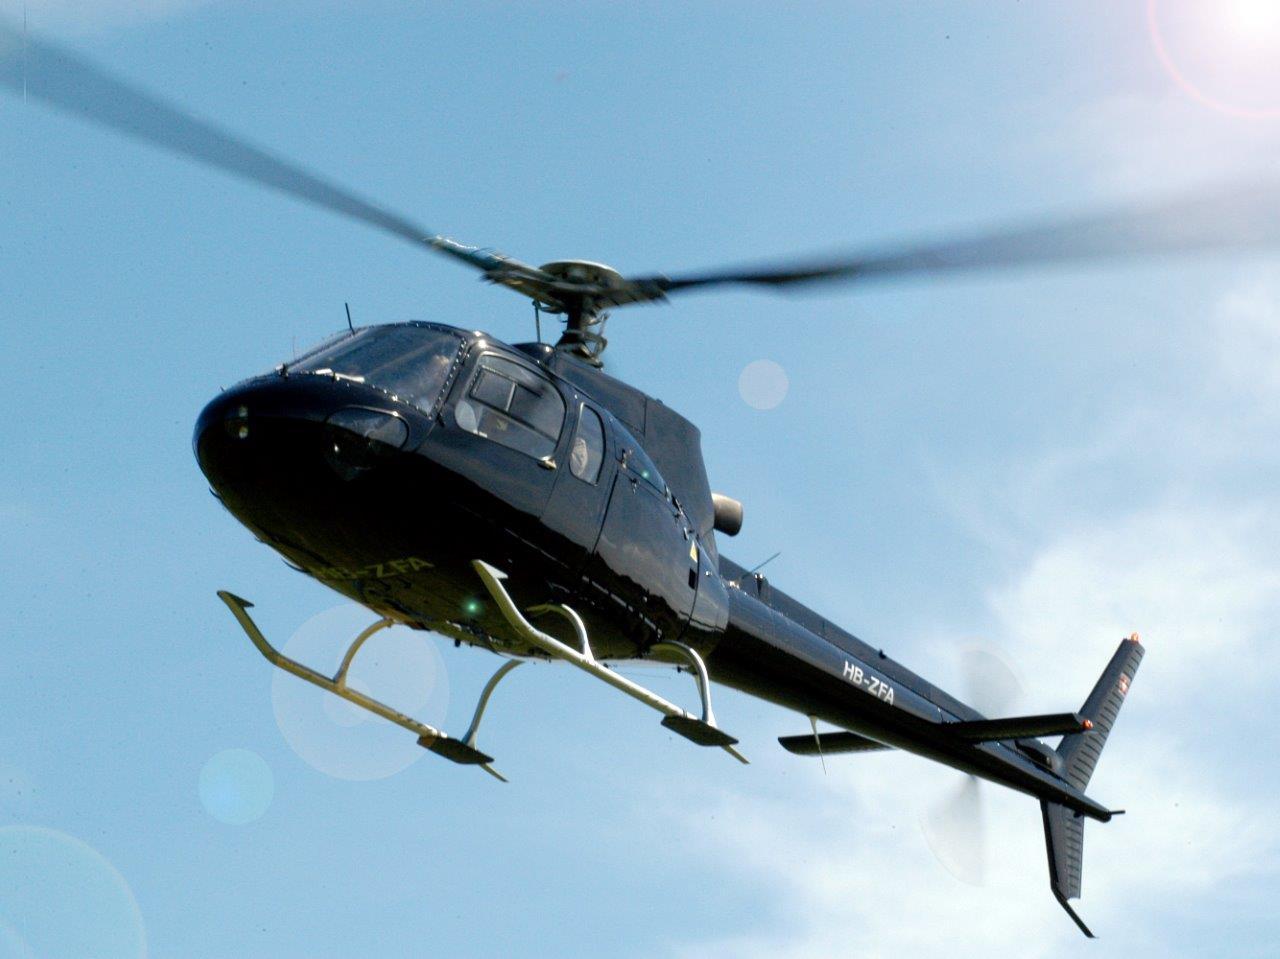 Ecureuil Hubschrauber